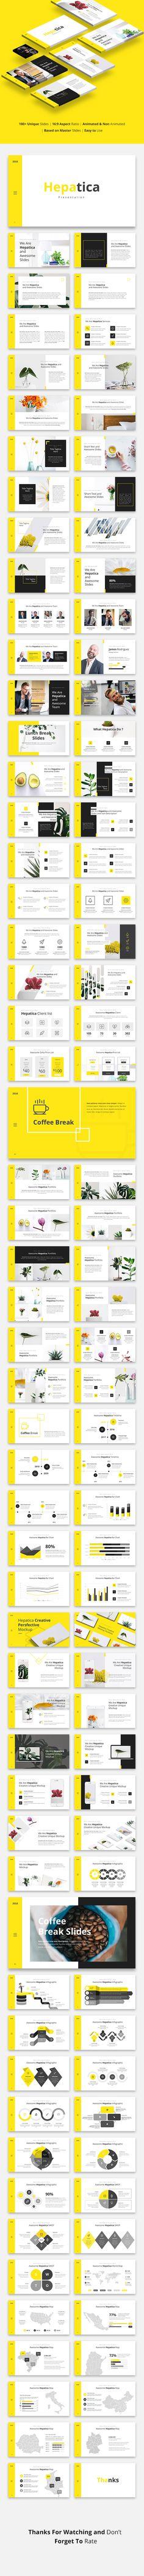 Hepatica - Yellow Powerpoint - Download here: https://graphicriver.net/item/hepatica-yellow-powerpoint/21807484?ref=ksioks